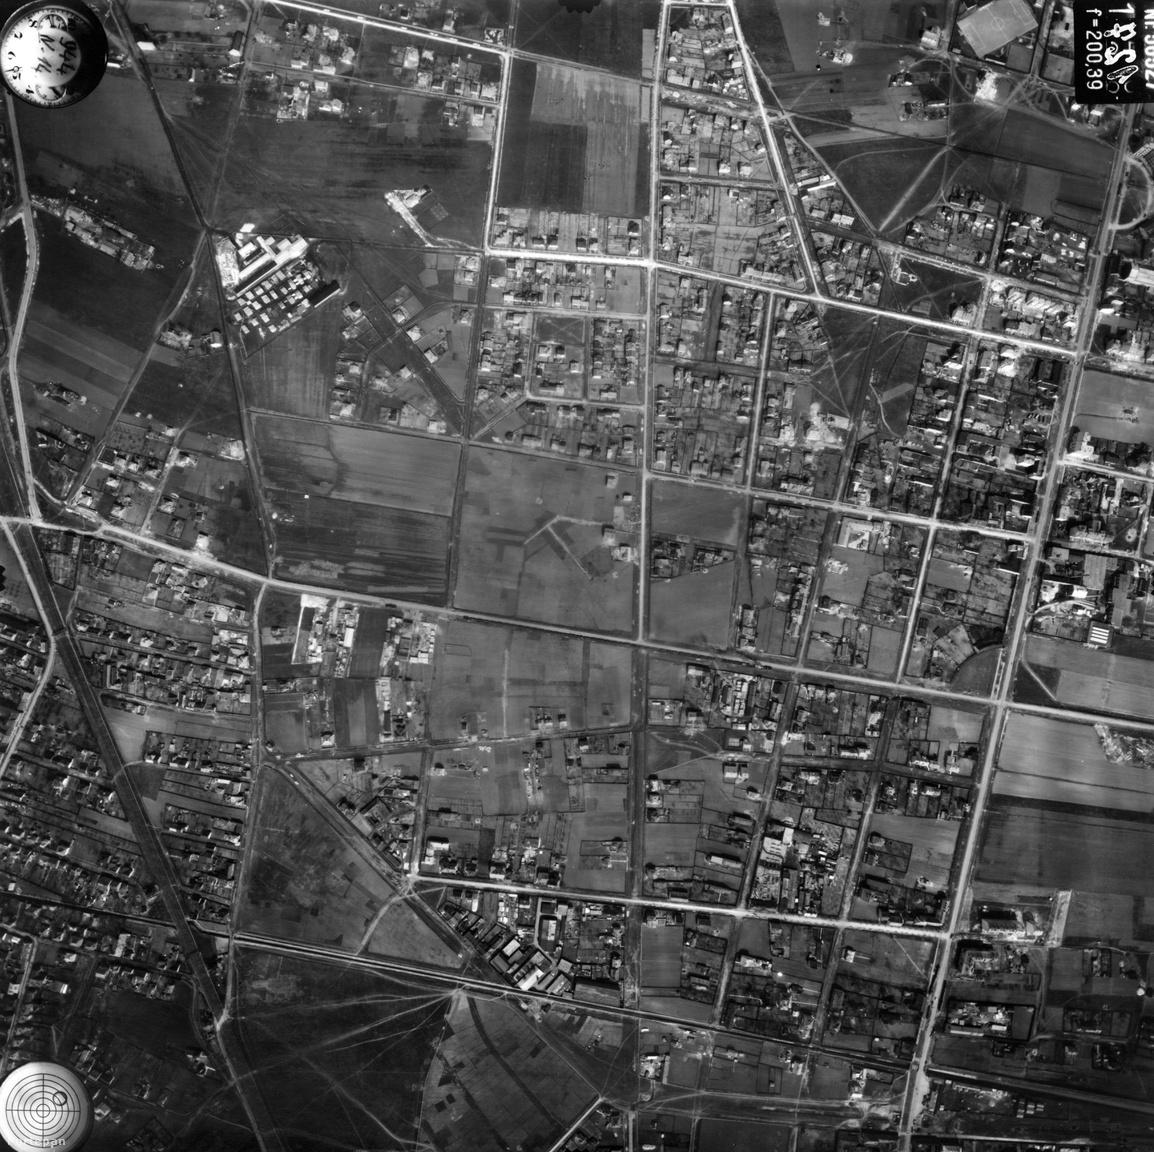 Persze azért itt-ott felfedezhetjük a mai panellakótelepek helyét, mondjuk Kelenföldön. A Tétényi                         és a Fehérvári utat, meg az azokat keresztező Andor utcát akkoriban még nem lakóparkok, meg                         tízemeletes panelek, hanem szántóföldek és hétvégi házak szegélyezték.